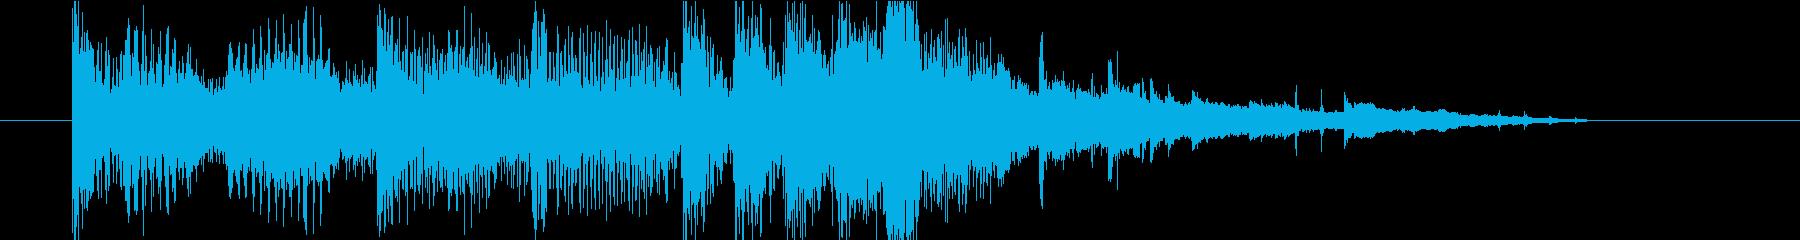 ドラムンベース/エレクトロテック。...の再生済みの波形